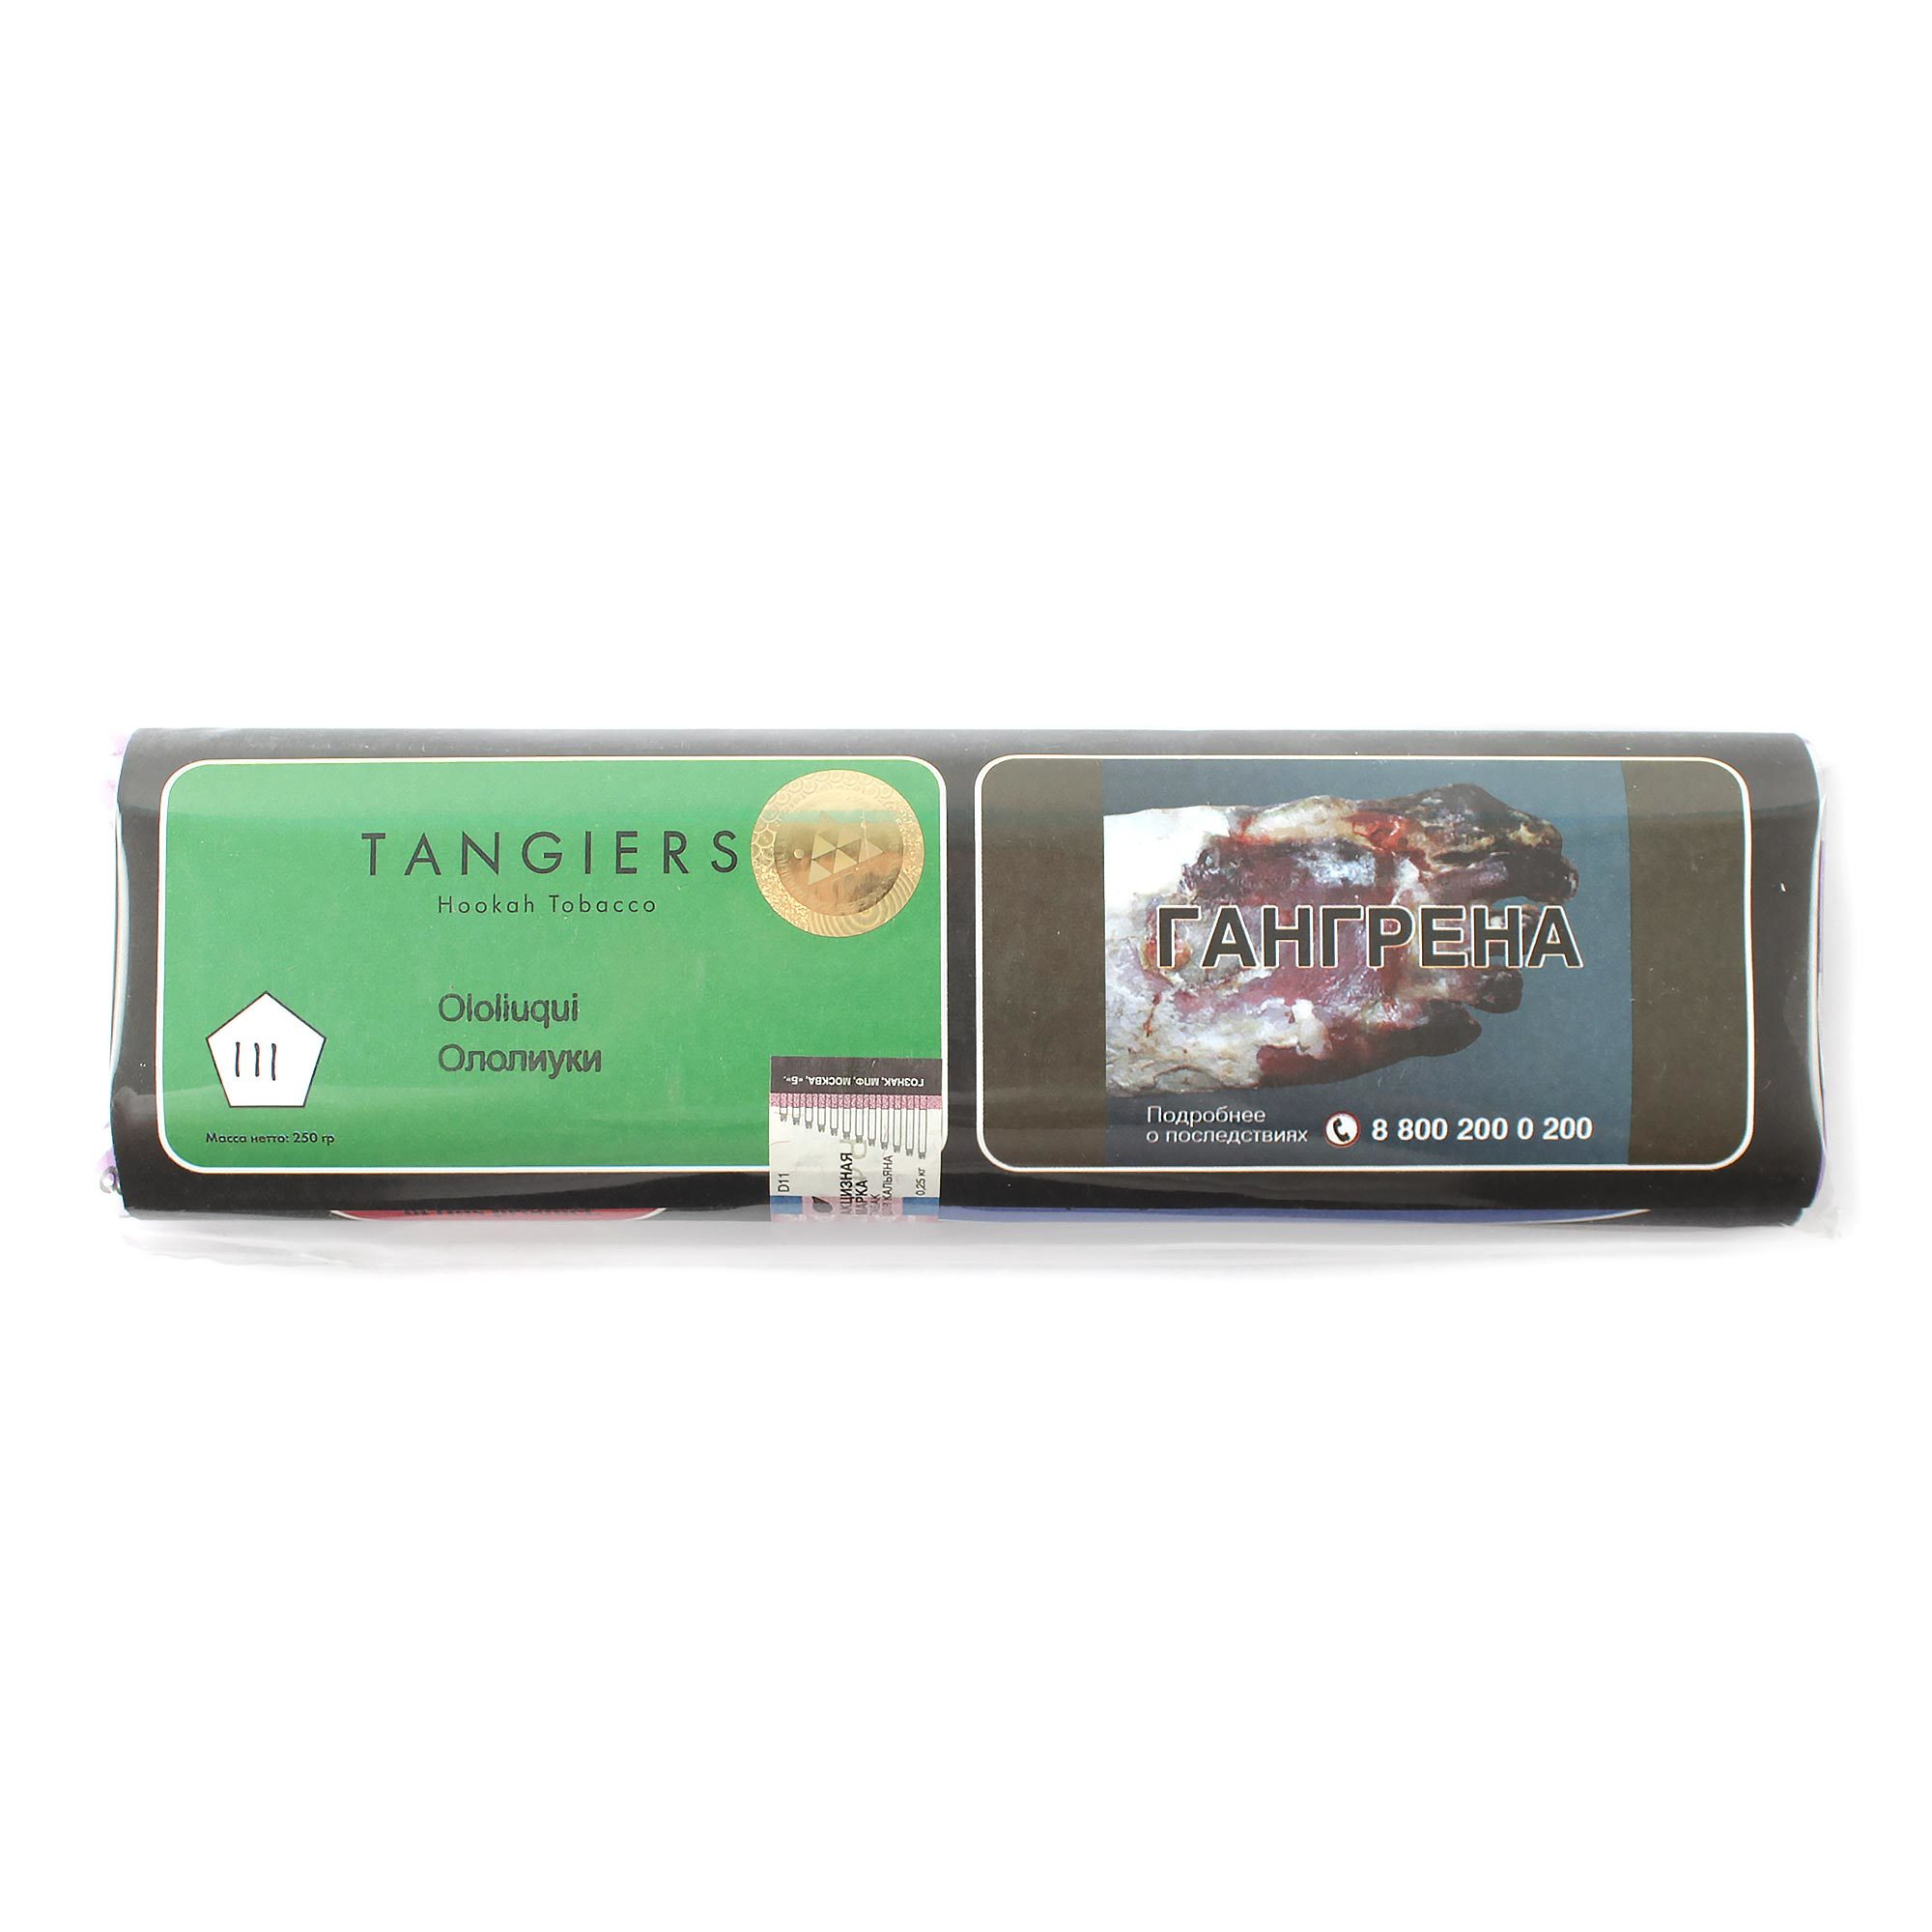 Табак для кальяна Tangiers Birquq (зеленый) 111 Ololiuqui 250 гр